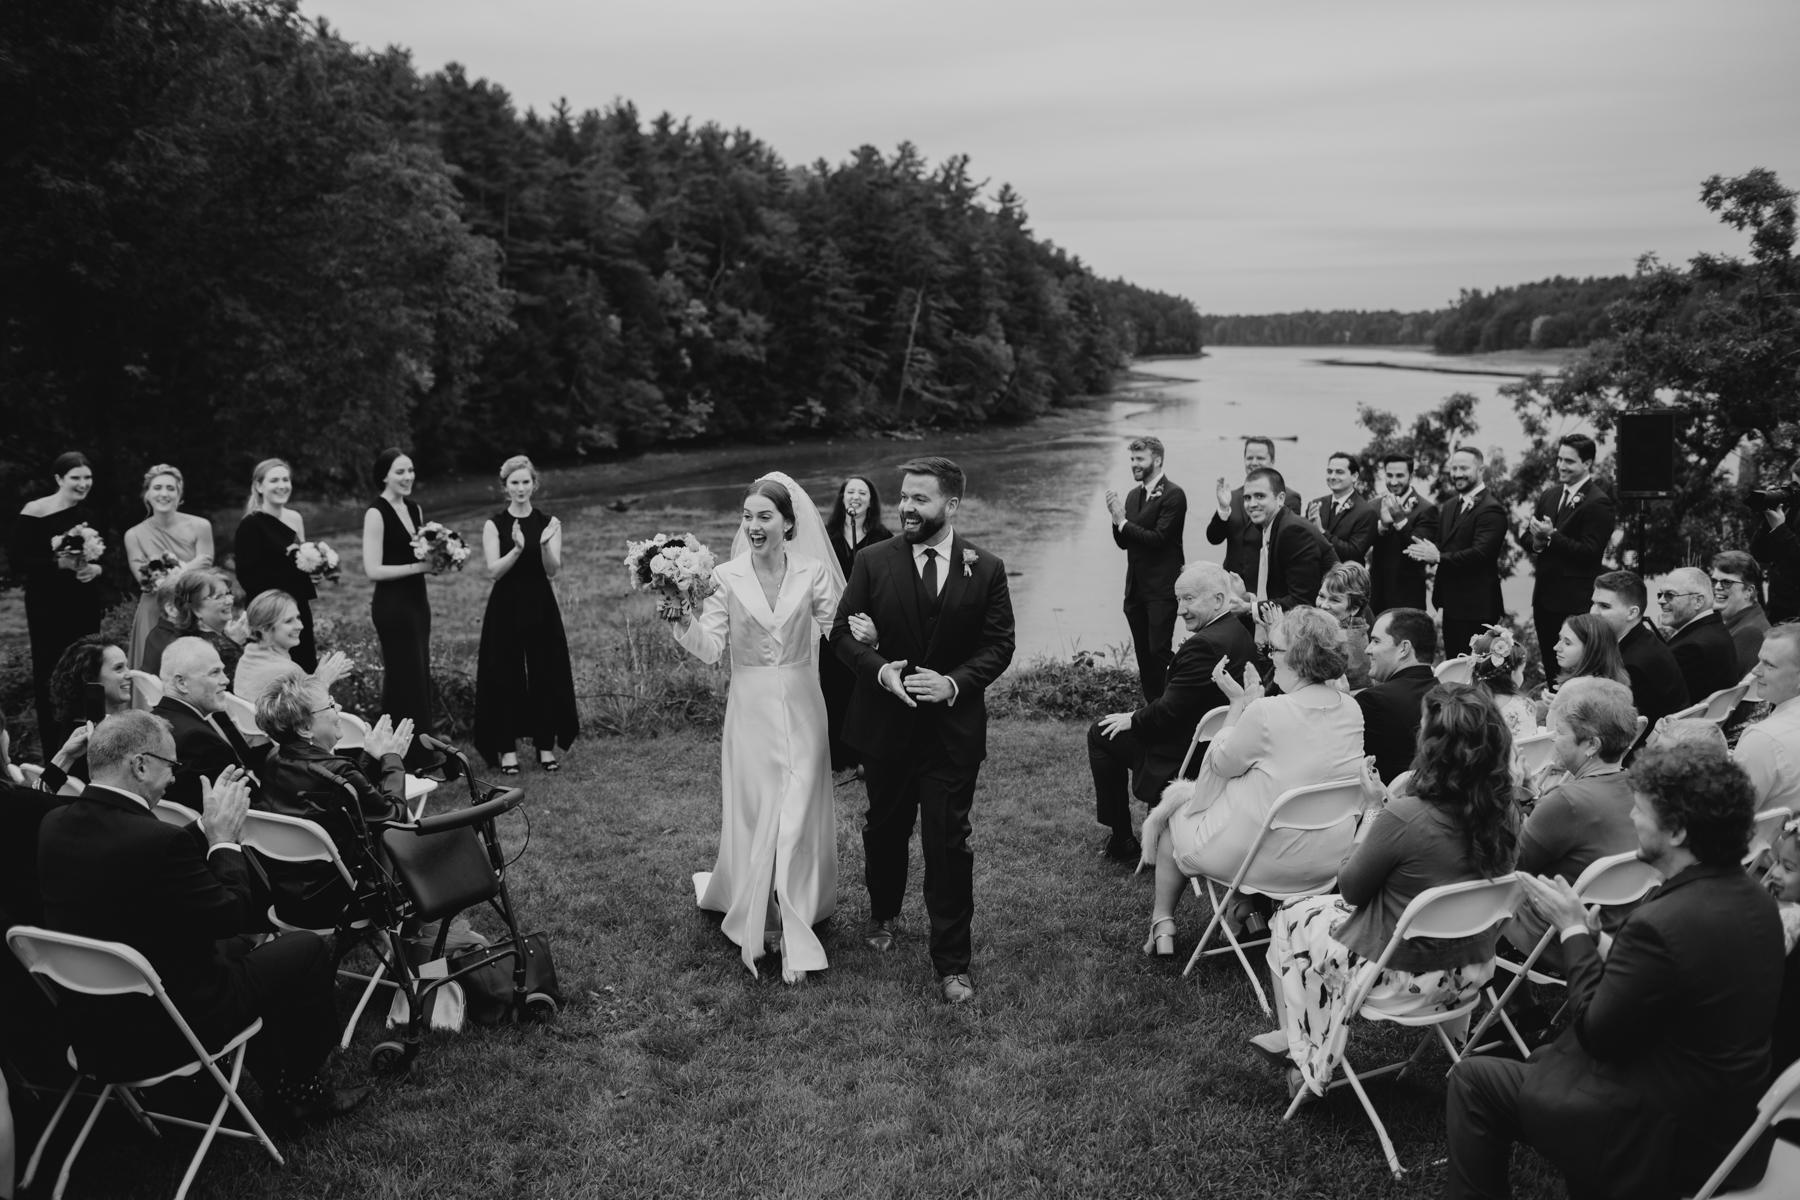 Hamilton_House_wedding_maine_Leah_Fisher_Photography-23.jpg